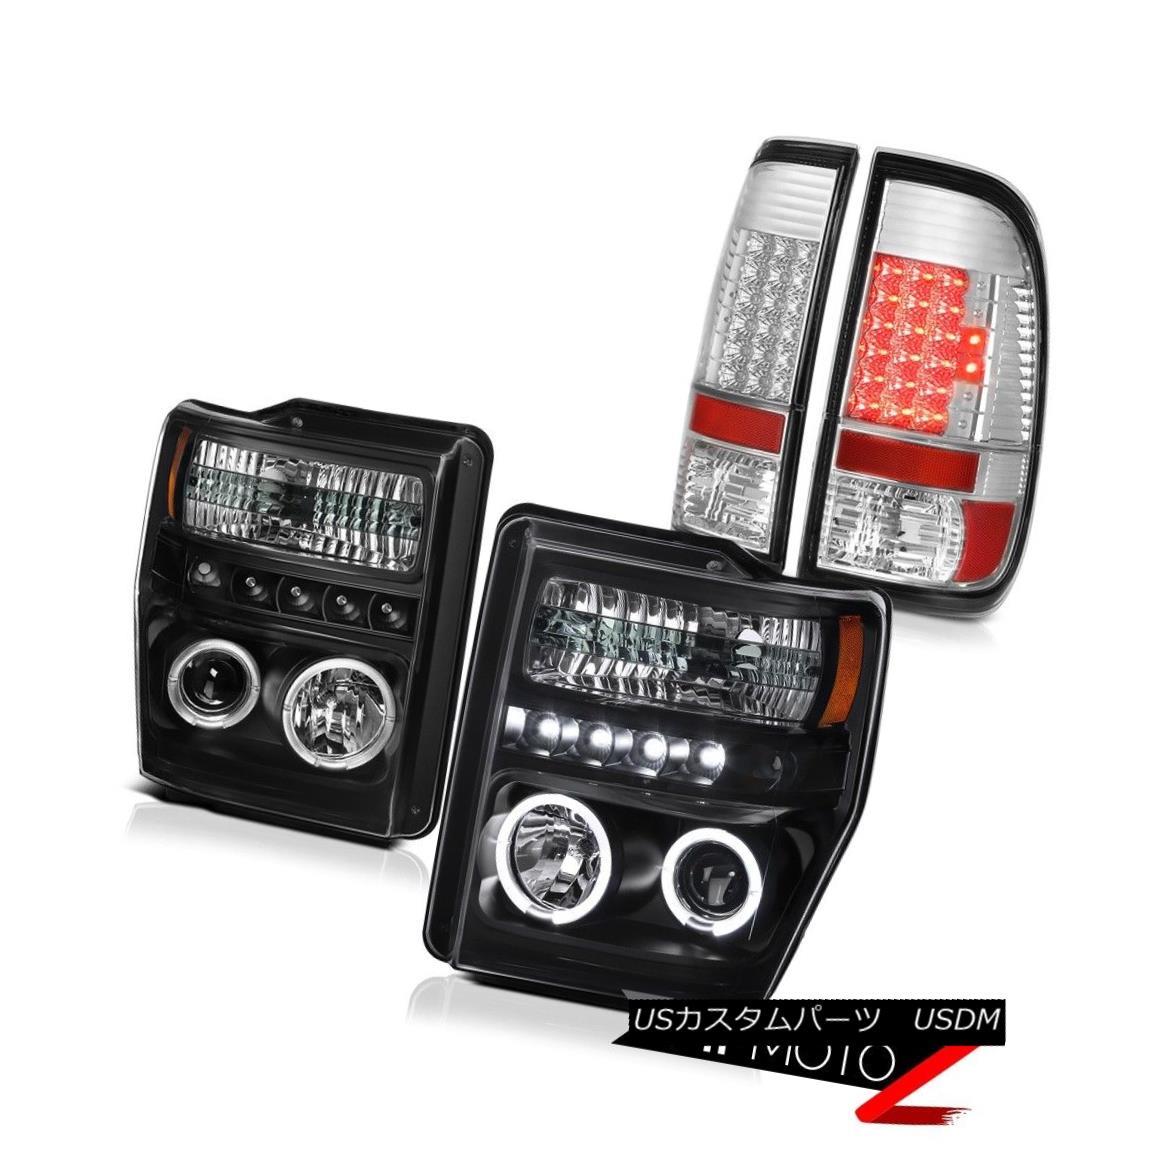 テールライト 2008-2010 F250 F350 HALO+DRL Projector Headlights Chrome LED Tail Lights Lamps 2008-2010 F250 F350ハロー+ DRLプロジェクターヘッドライトクロームLEDテールライトランプ